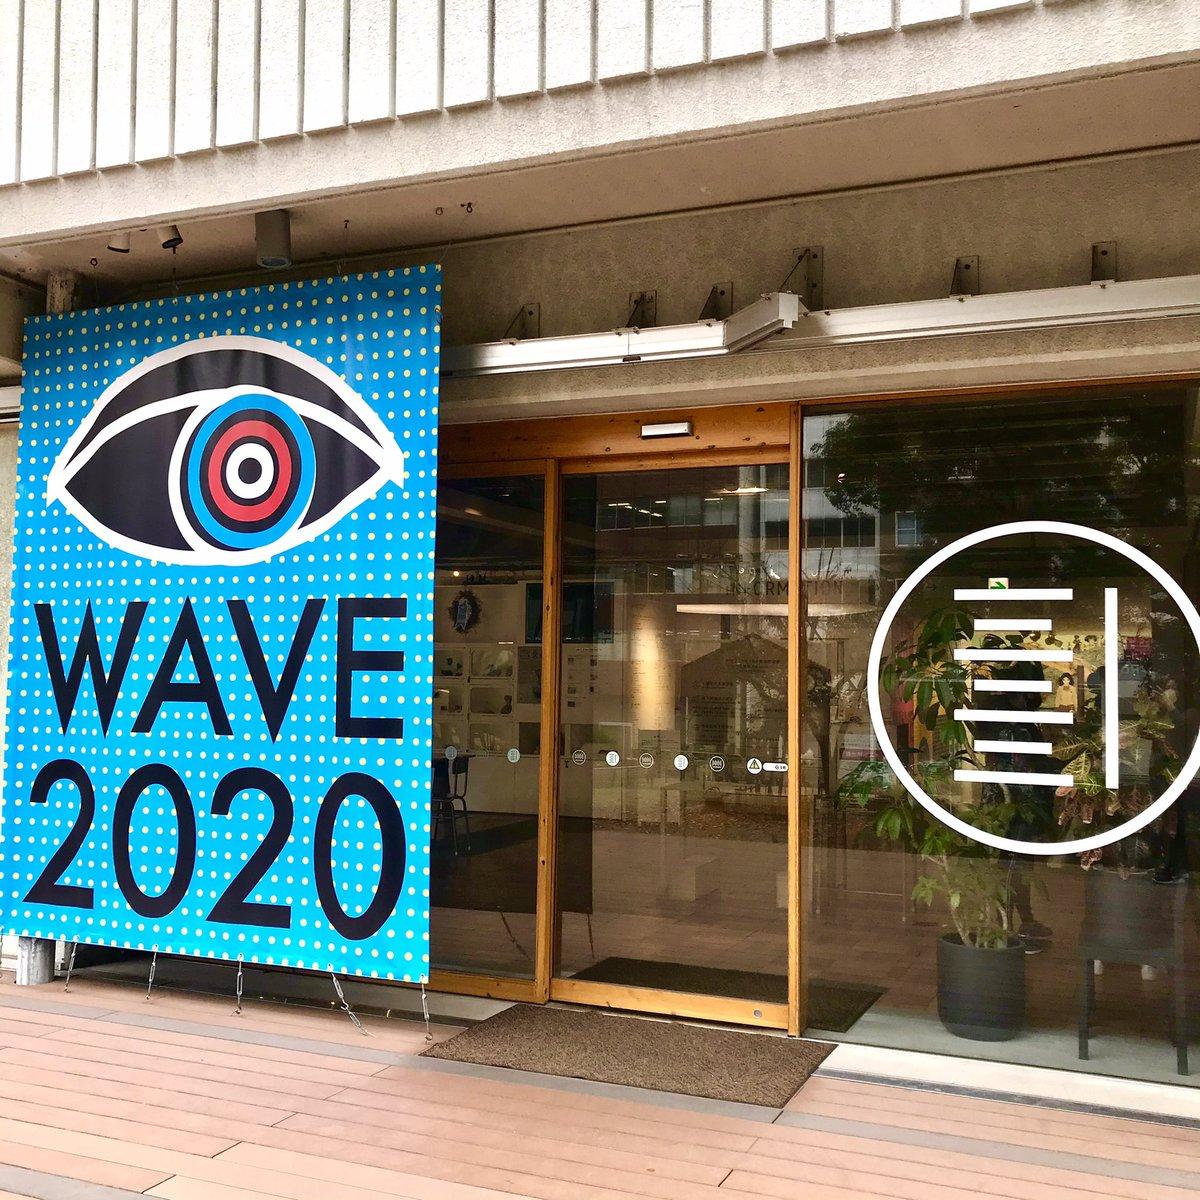 ご好評いただいておりますWAVE2020も、いよいよ本日が最終日となりました!閉館は18時となっております。どうぞこの波をお見逃しのない様に‼️🌊 #art #アート #design #デザイン #graphic #グラフィック #illustration #イラストレーション #WAVE2020 #3331アーツ千代田 #長場雄 #あわい #小渕もも https://t.co/OpN6cjXuQl